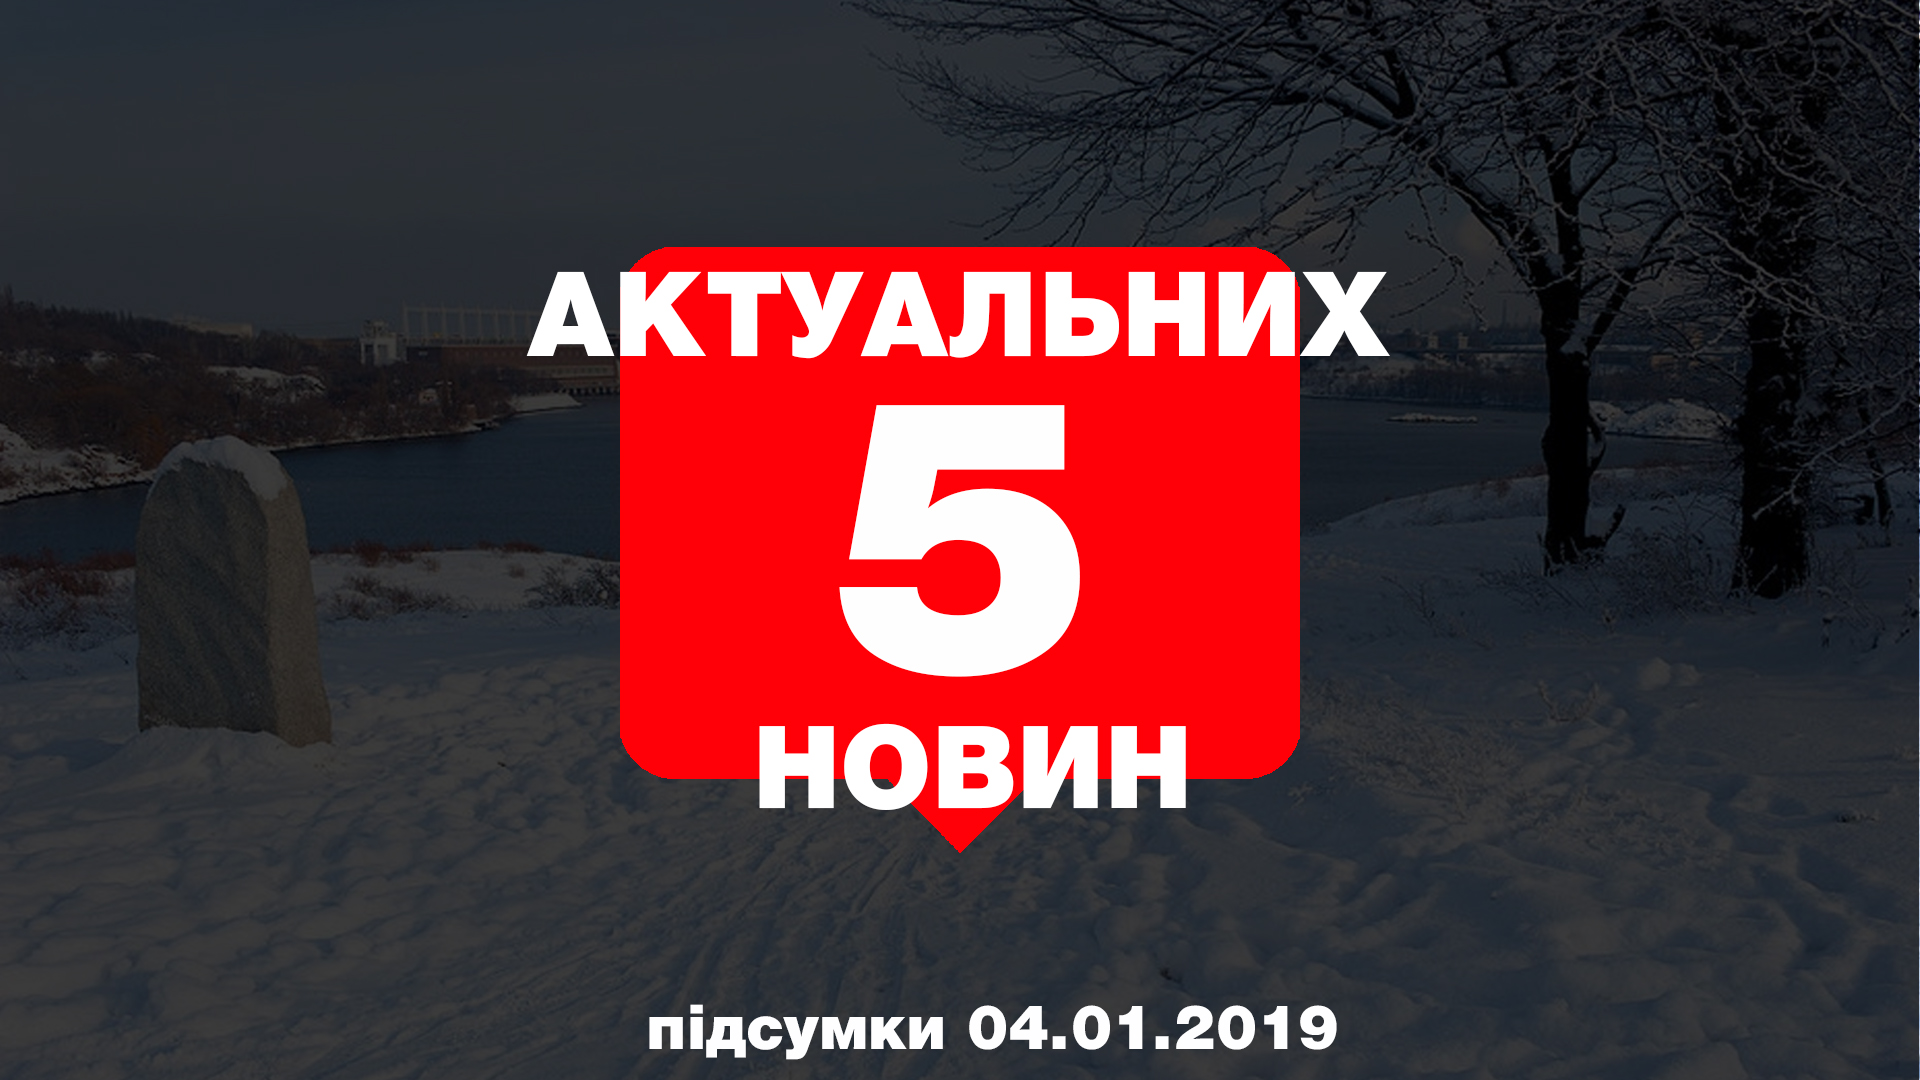 У Запоріжжі затримали «мінера», маршрутка злетіла з траси, фото звірів на Хортиці — 5 найцікавіших новин п'ятниці, 4 січня